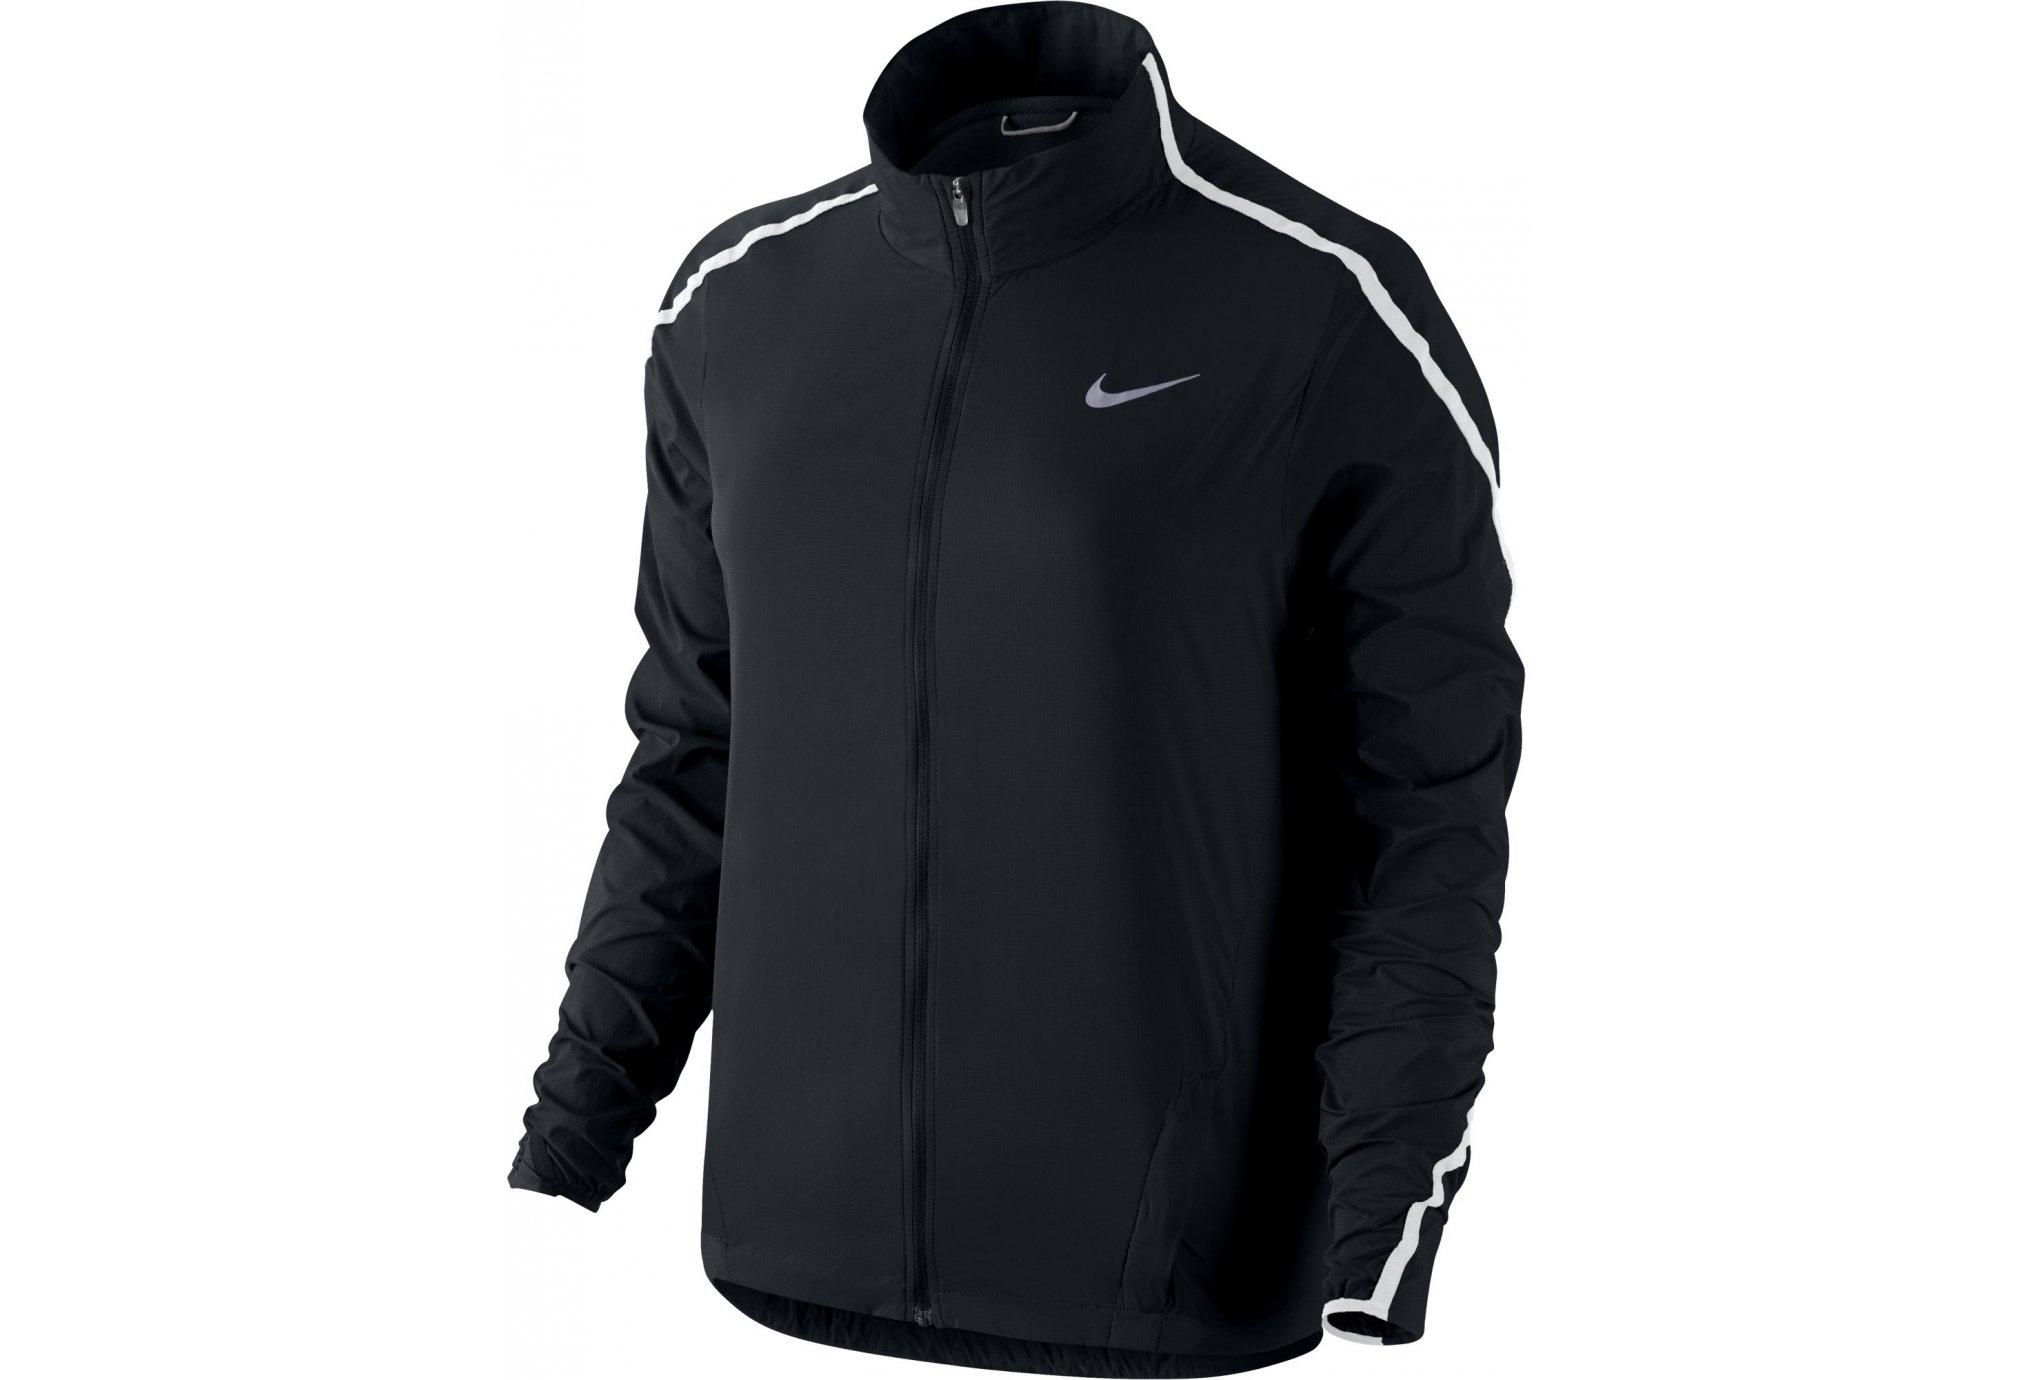 Nike Veste Impossibly Light W Diététique Vêtements femme